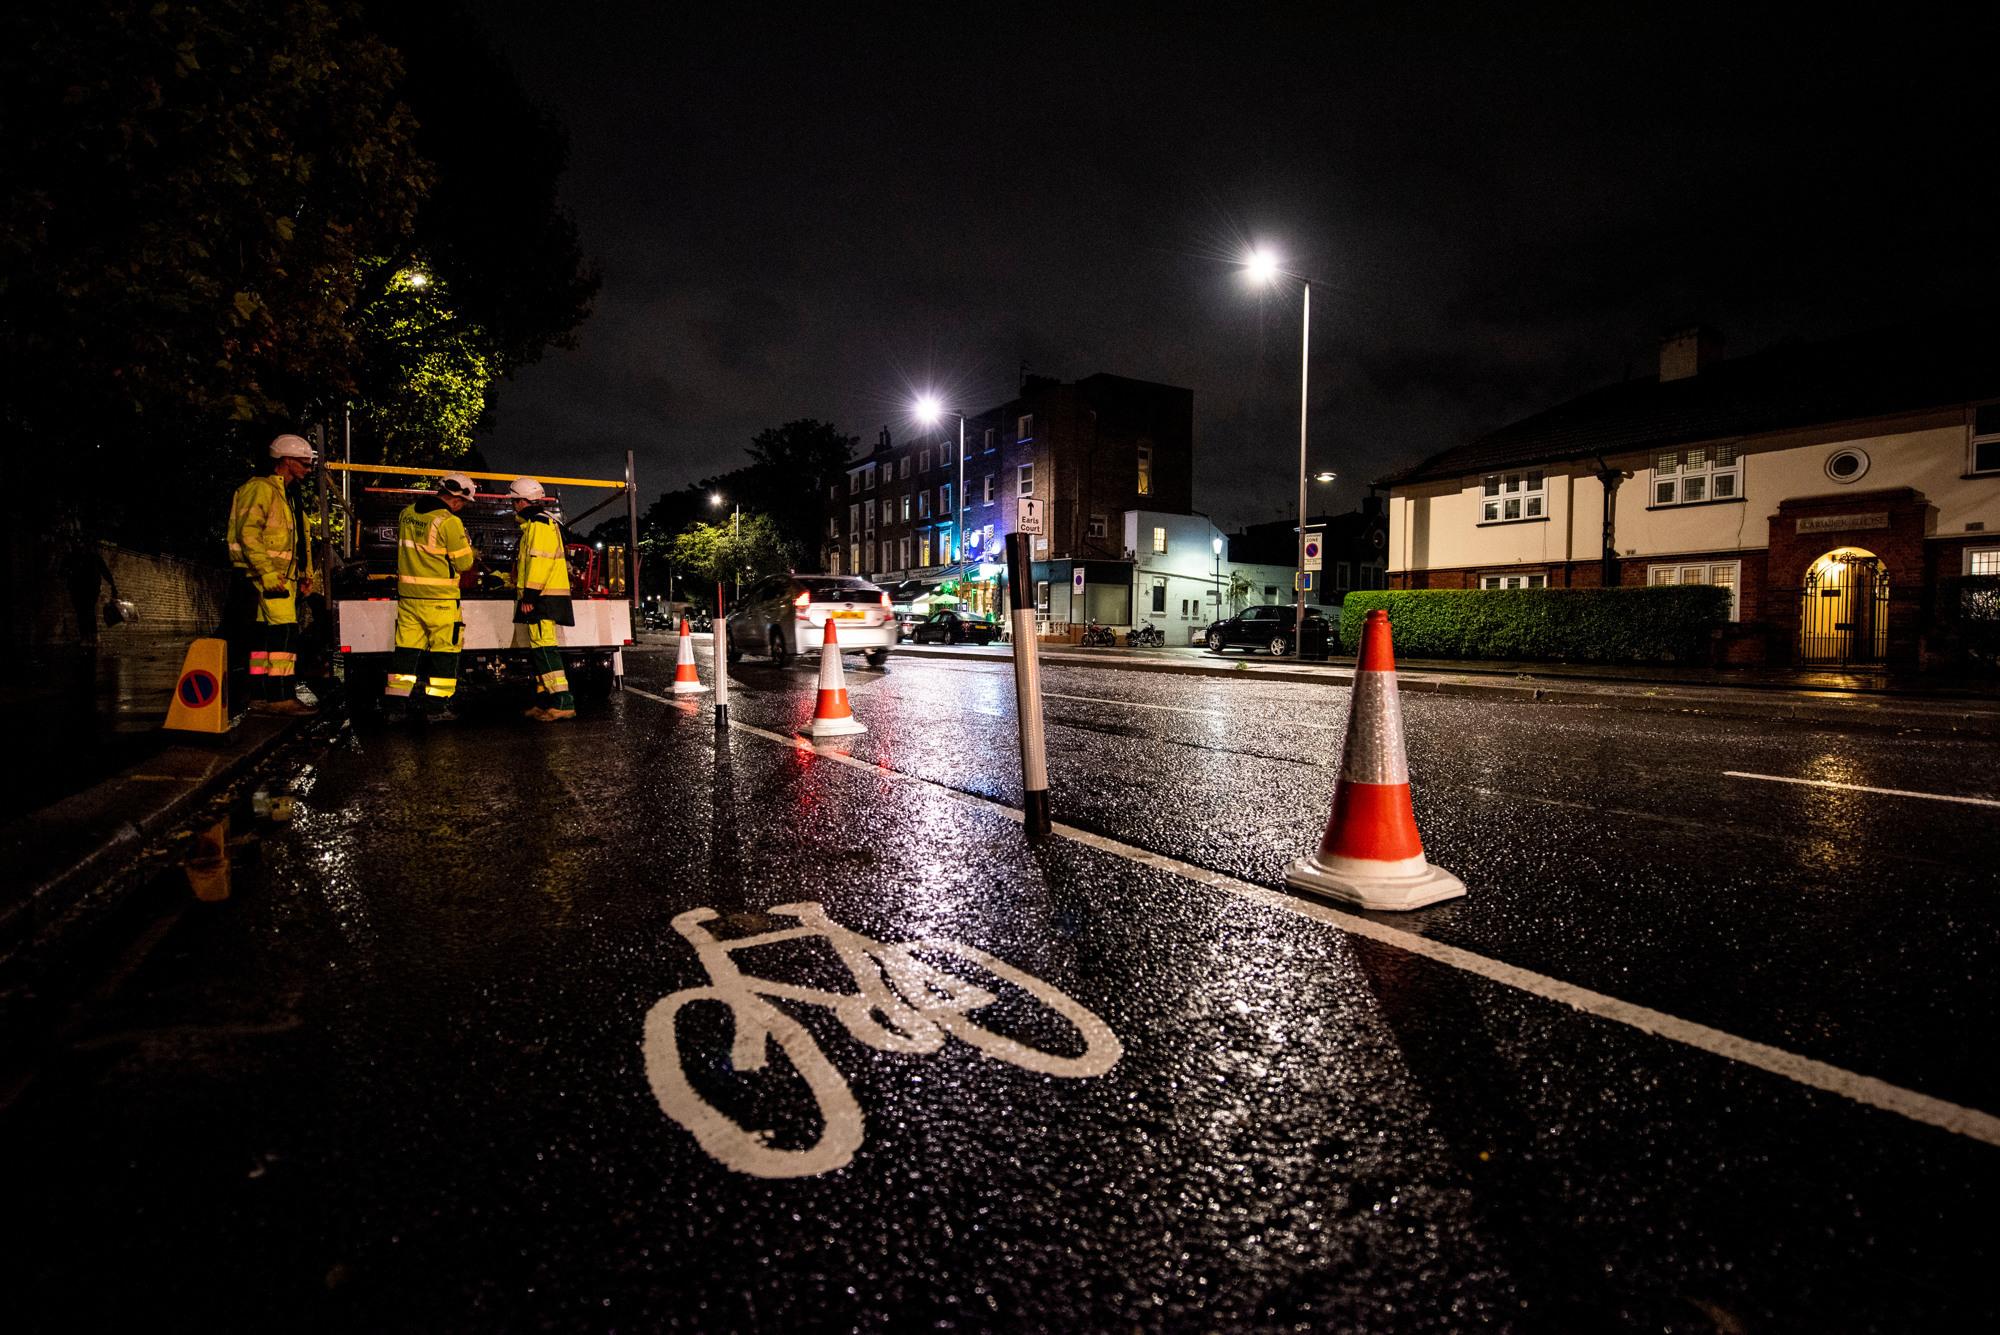 Ciclista quedó conmocionado después de un accidente en una calle muy transitada donde el consejo eliminó el carril bici